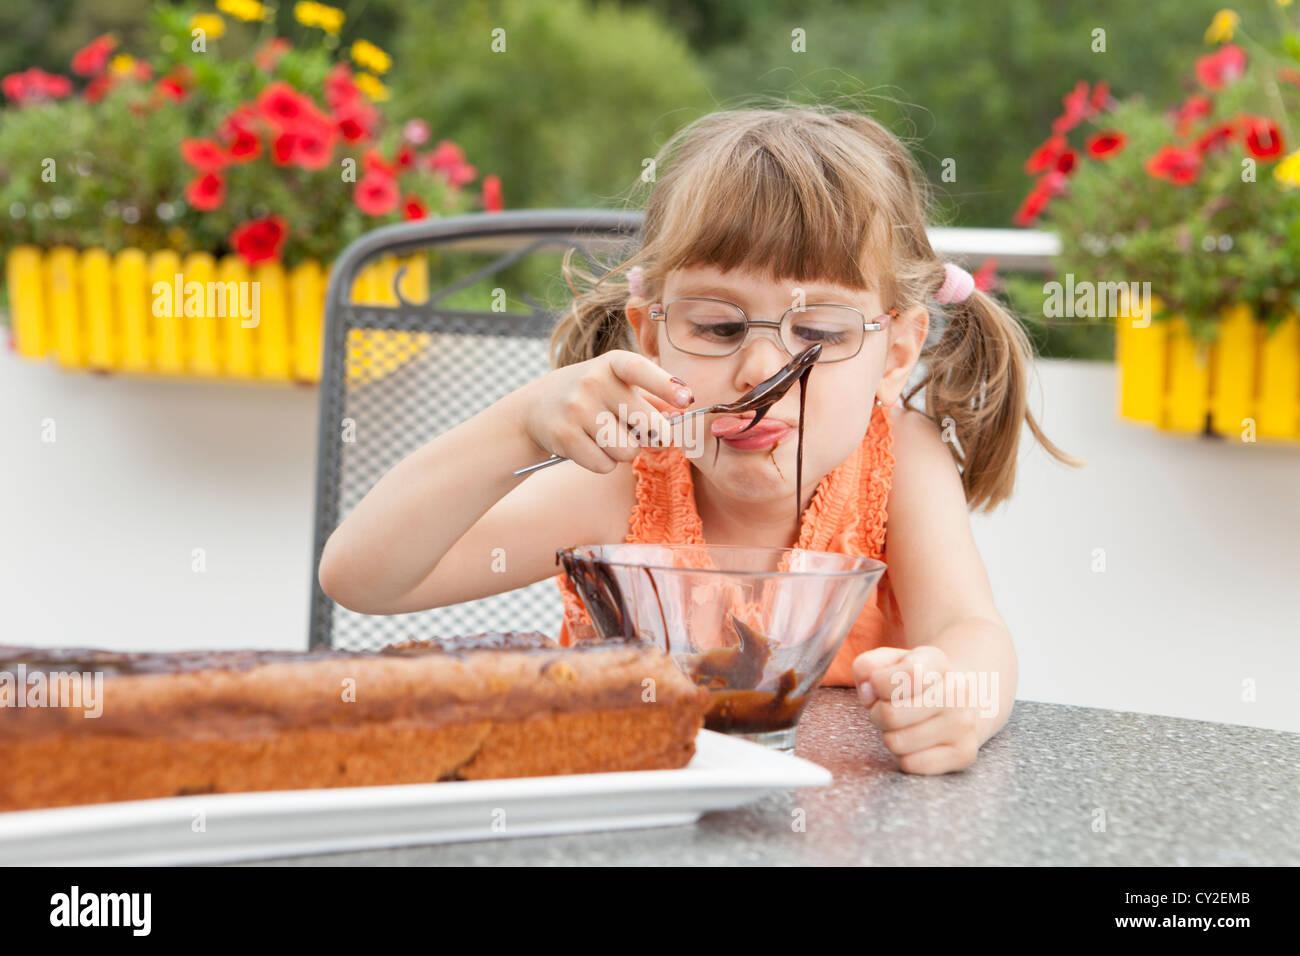 Kleines Mädchen schmücken den Schokoladenkuchen Stockbild